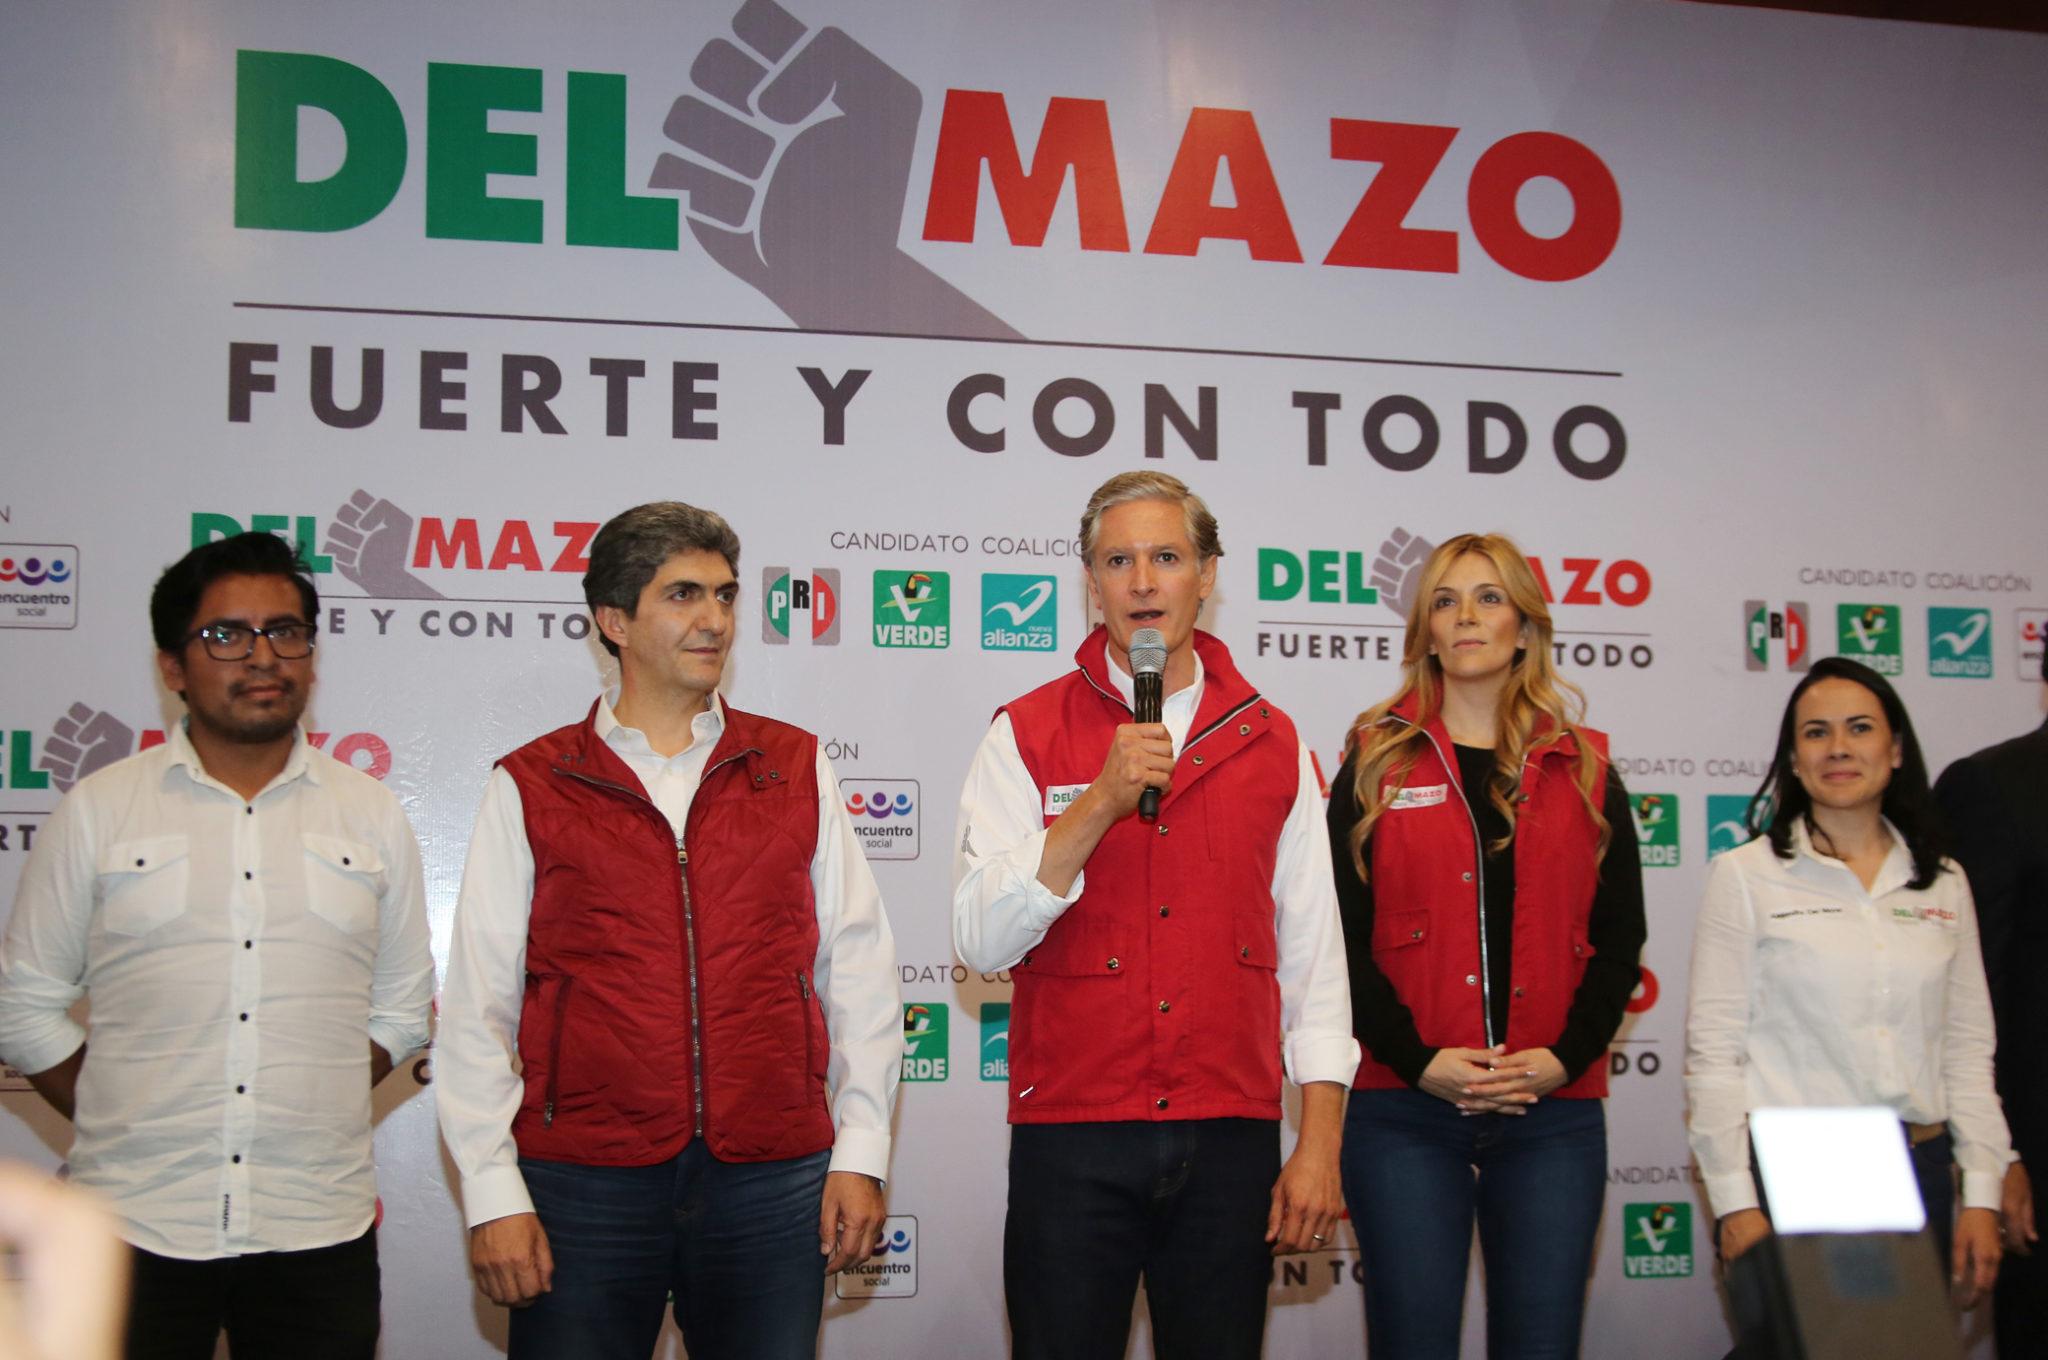 Defensa del voto en Edomex, por la vía jurídica: Morena; carpetas, una vacilada: PRI | El Imparcial de Oaxaca